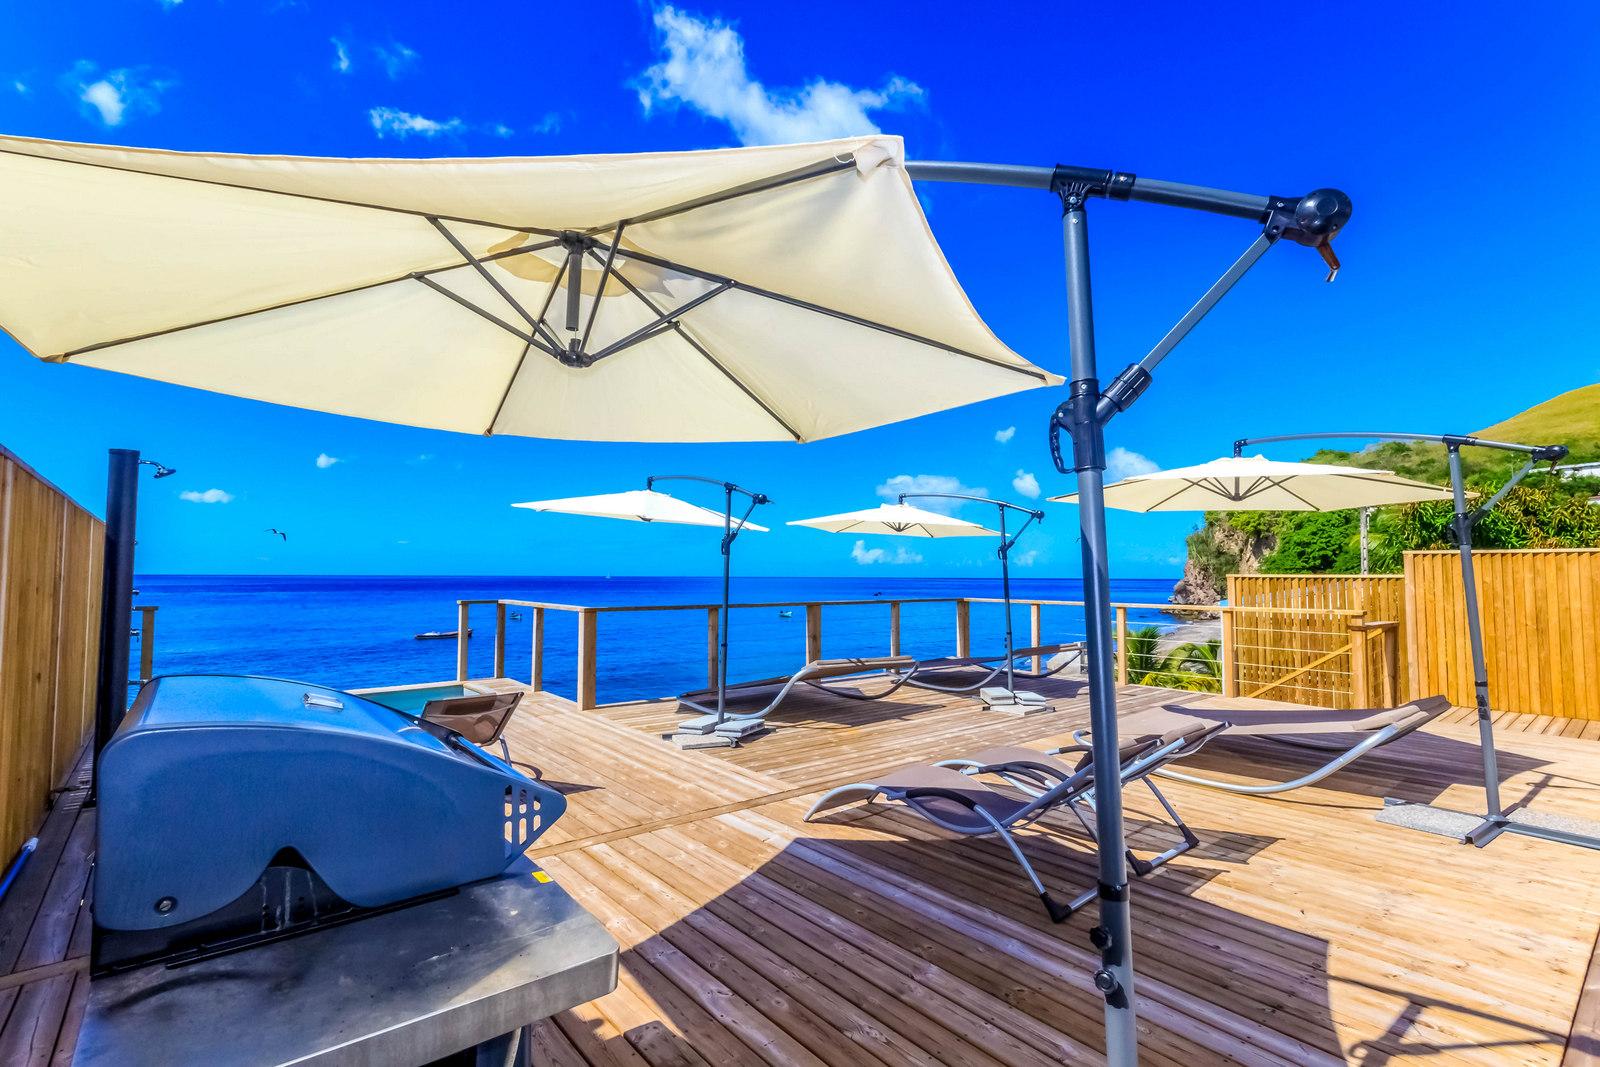 Cuisine Extérieure Location de villas Martinique